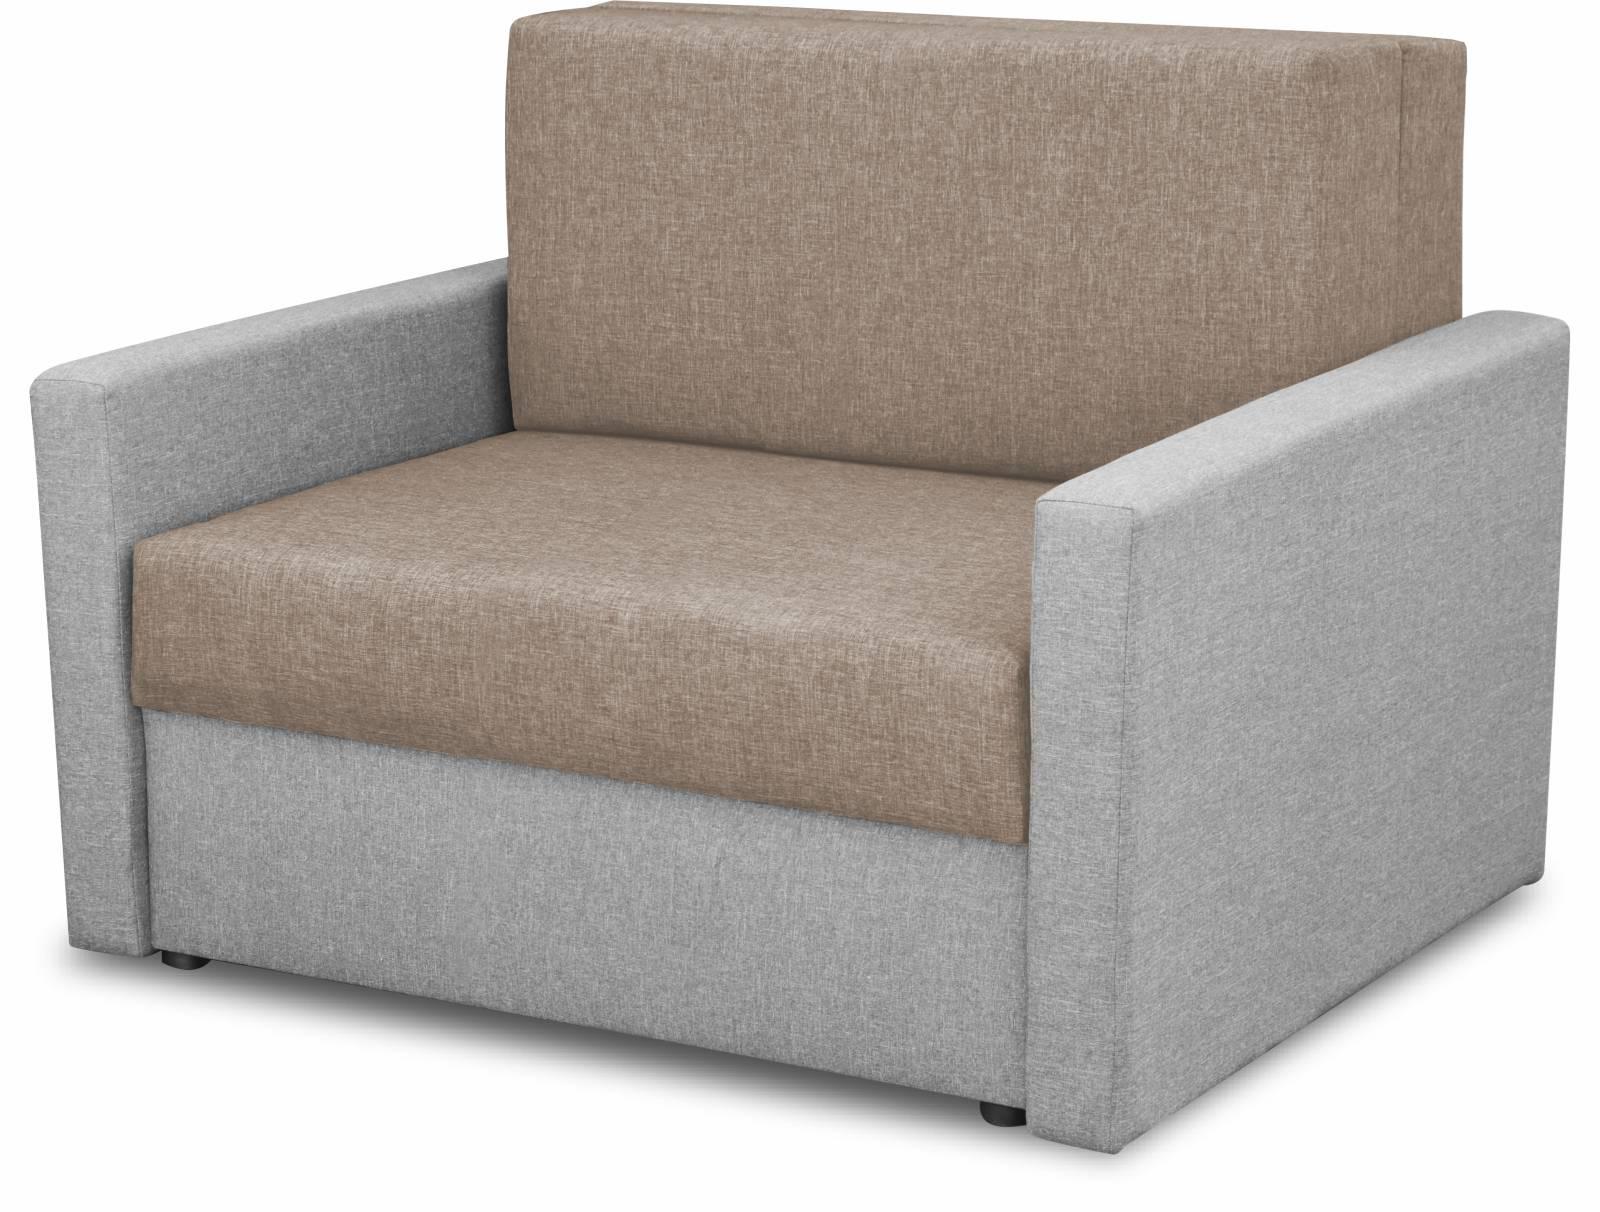 Fotel Rozkładany Sofa Z Funkcją Spania Dla Dzieci